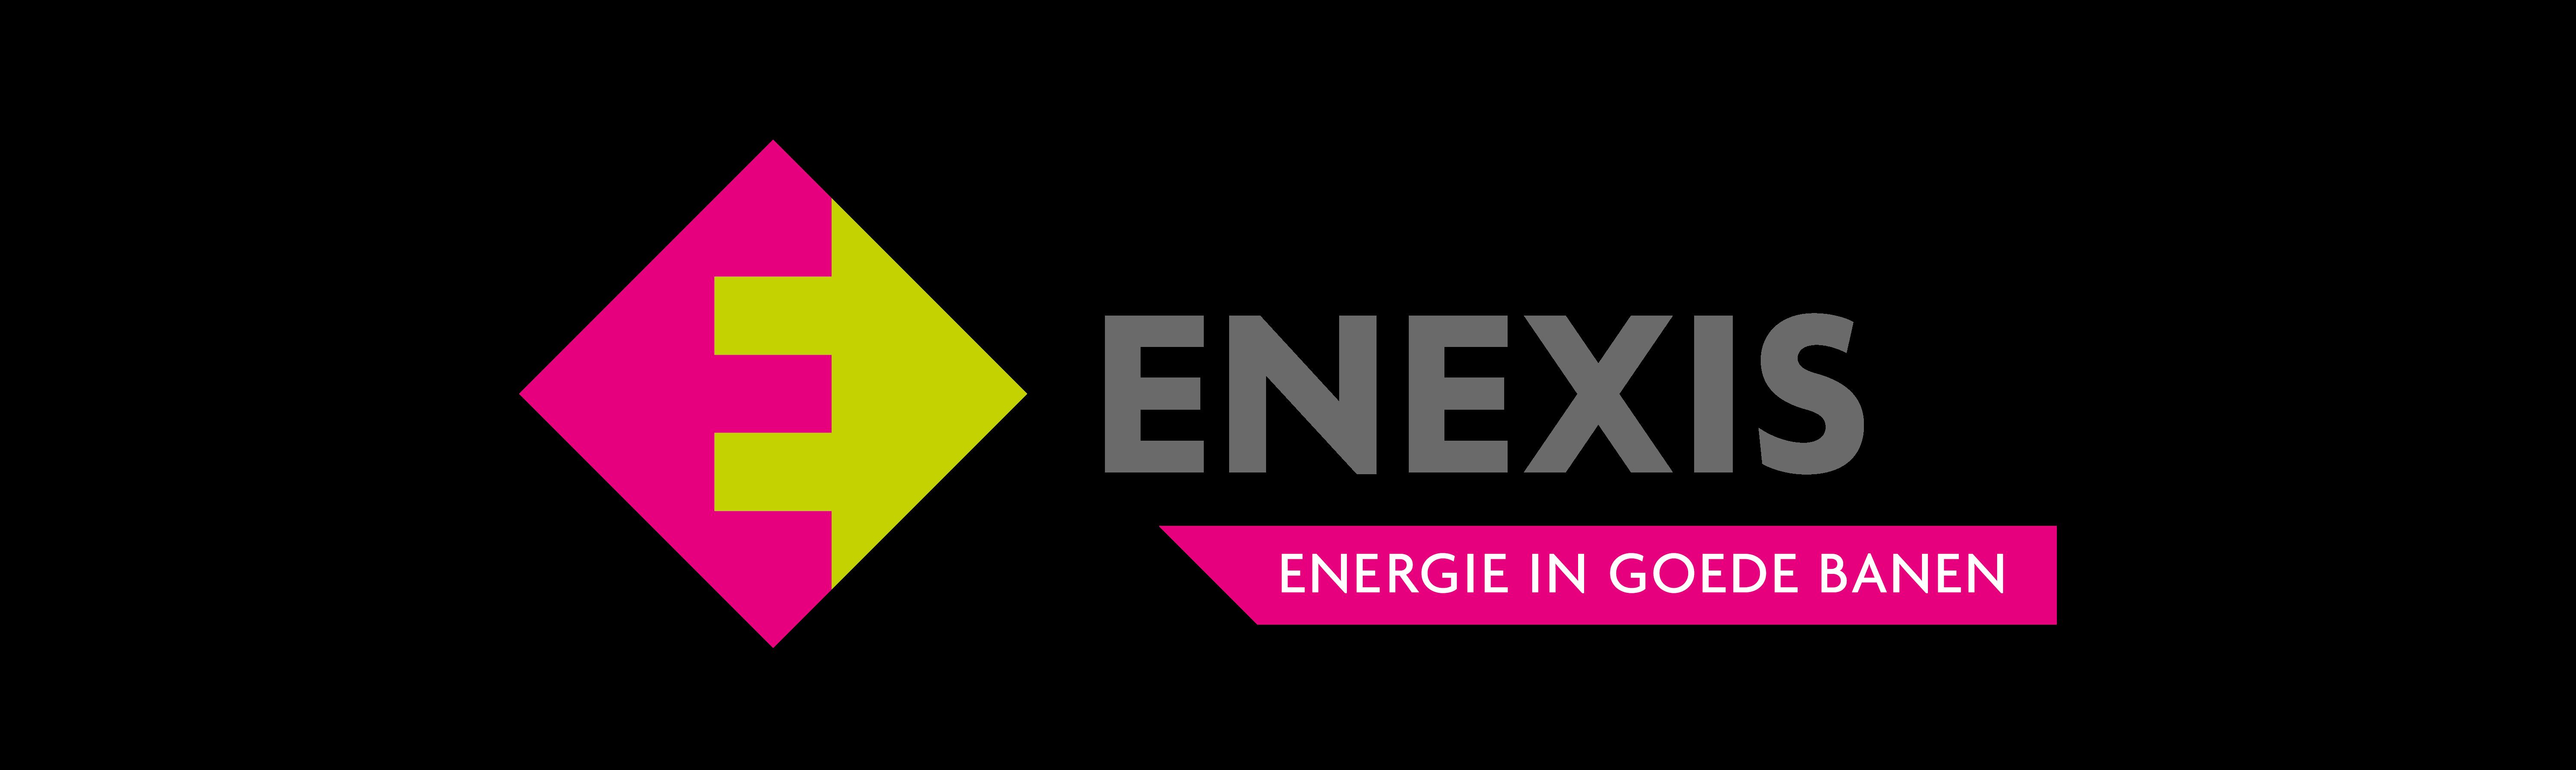 Enexis_logo_01